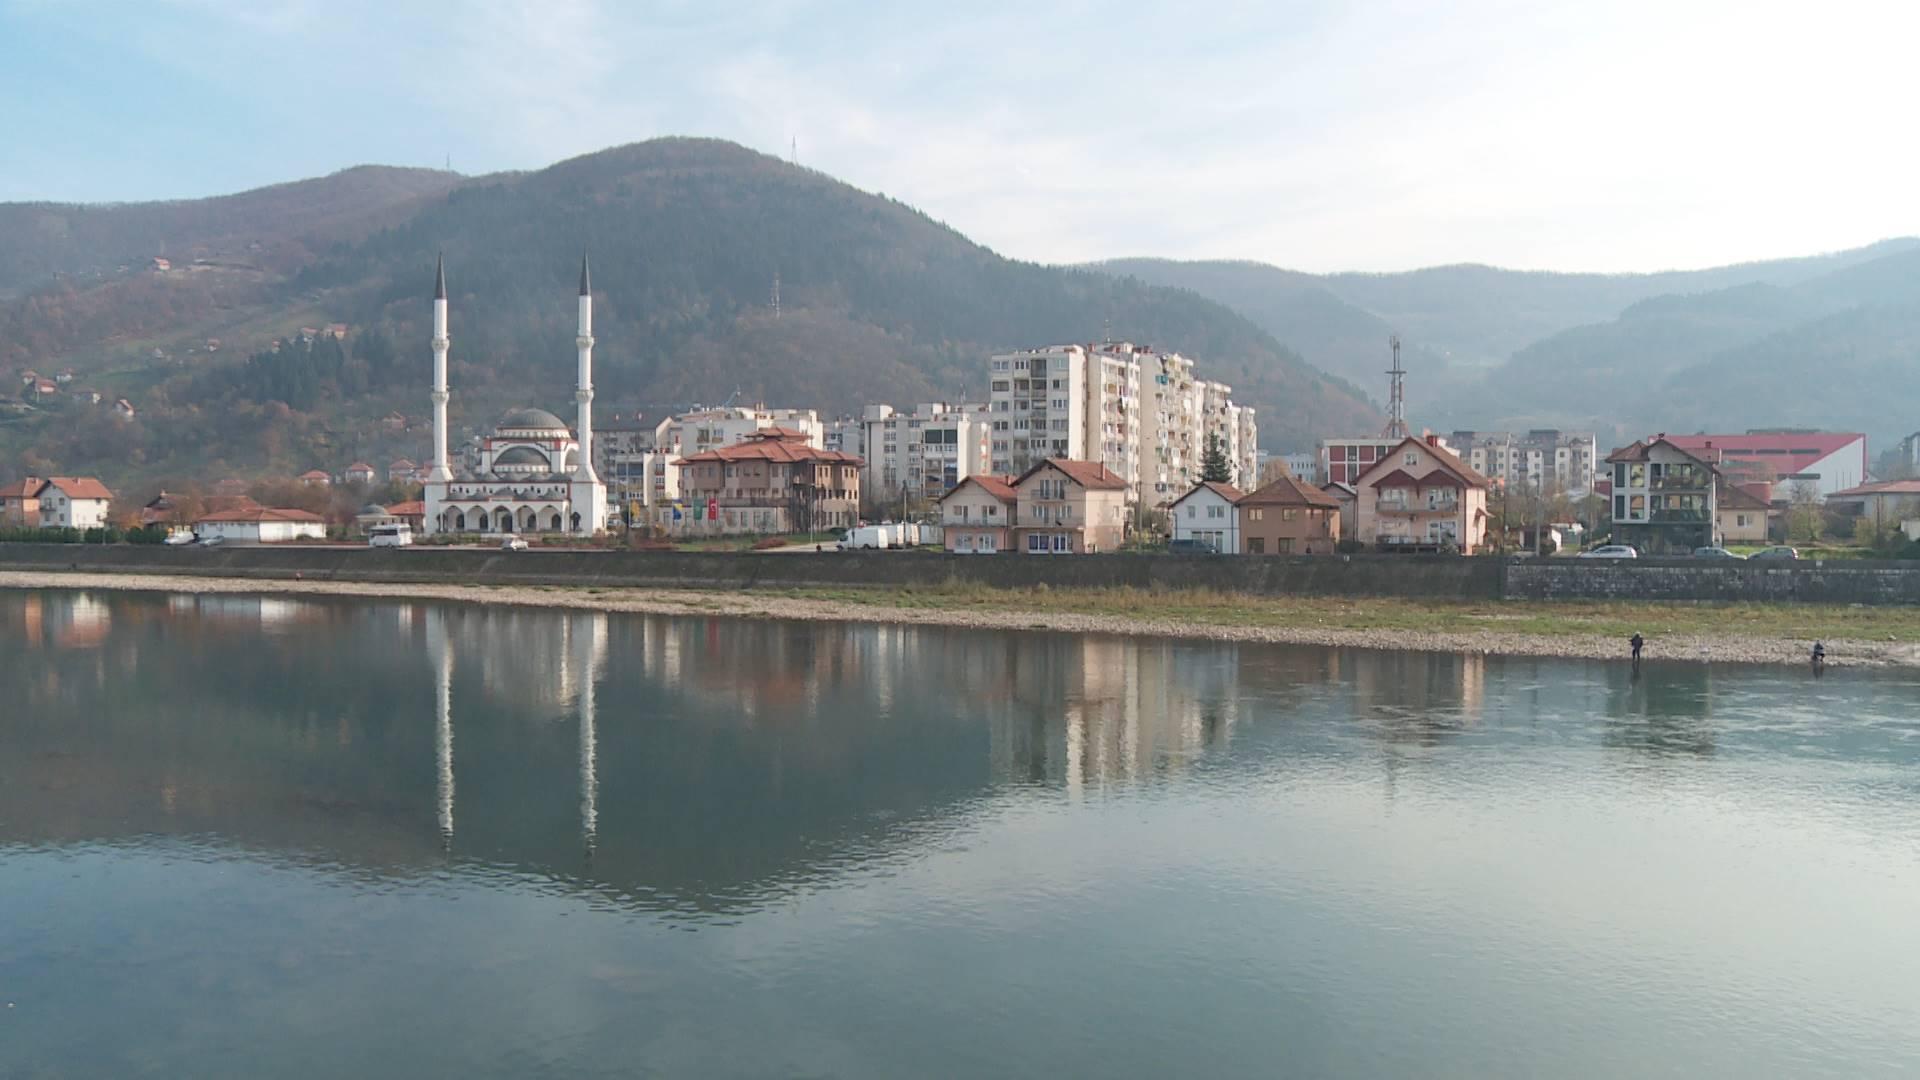 Haos u centru Goražda: Nakon jake kiše izlila se kanalizacija, poplavljeni objekti